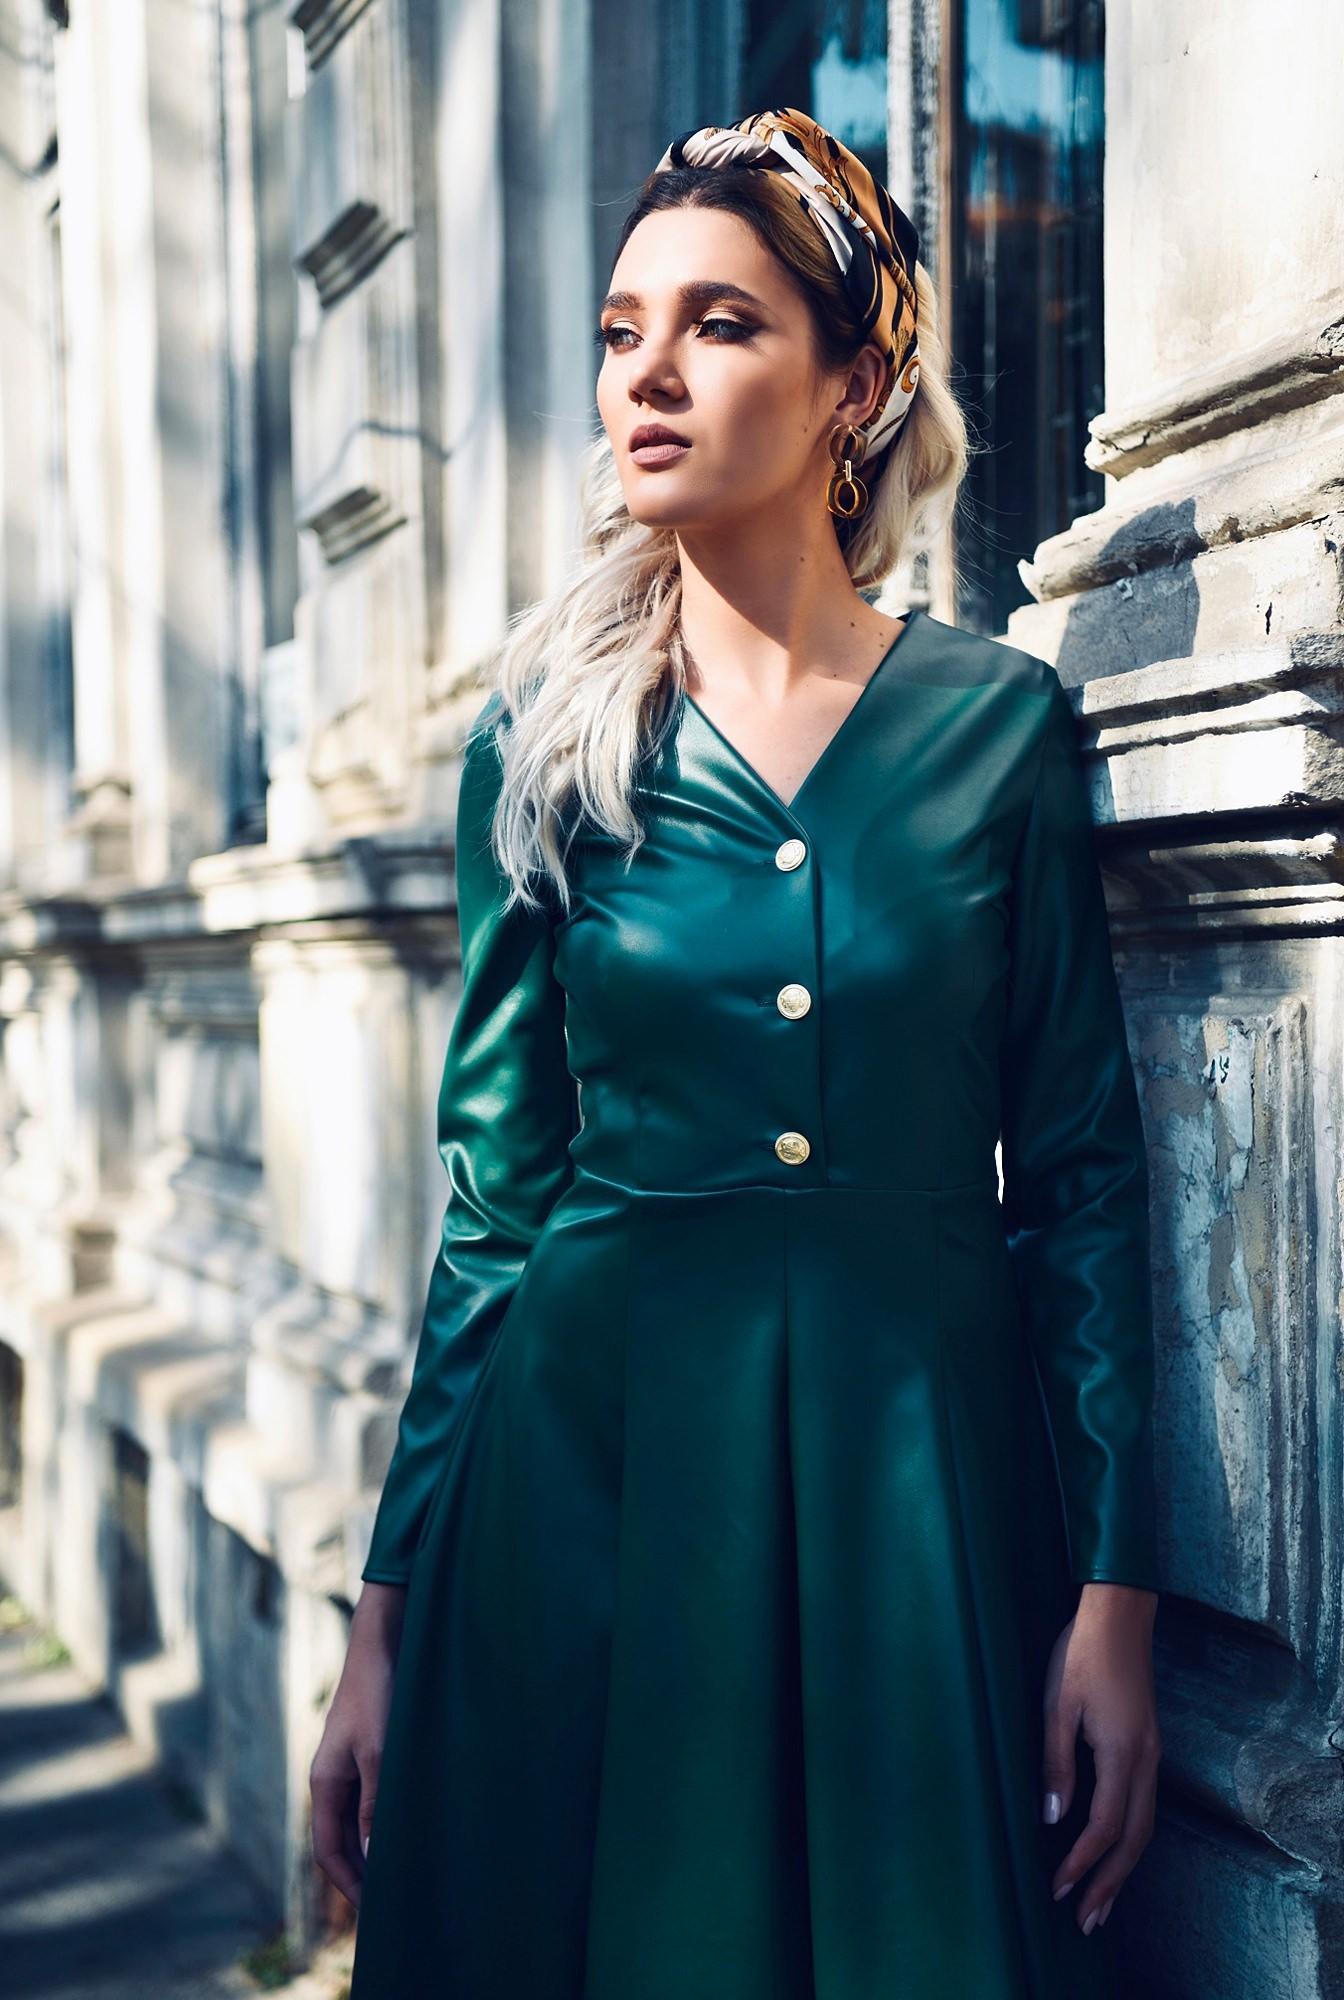 rochie verde, piele, nasturi auii, decolteu anchior